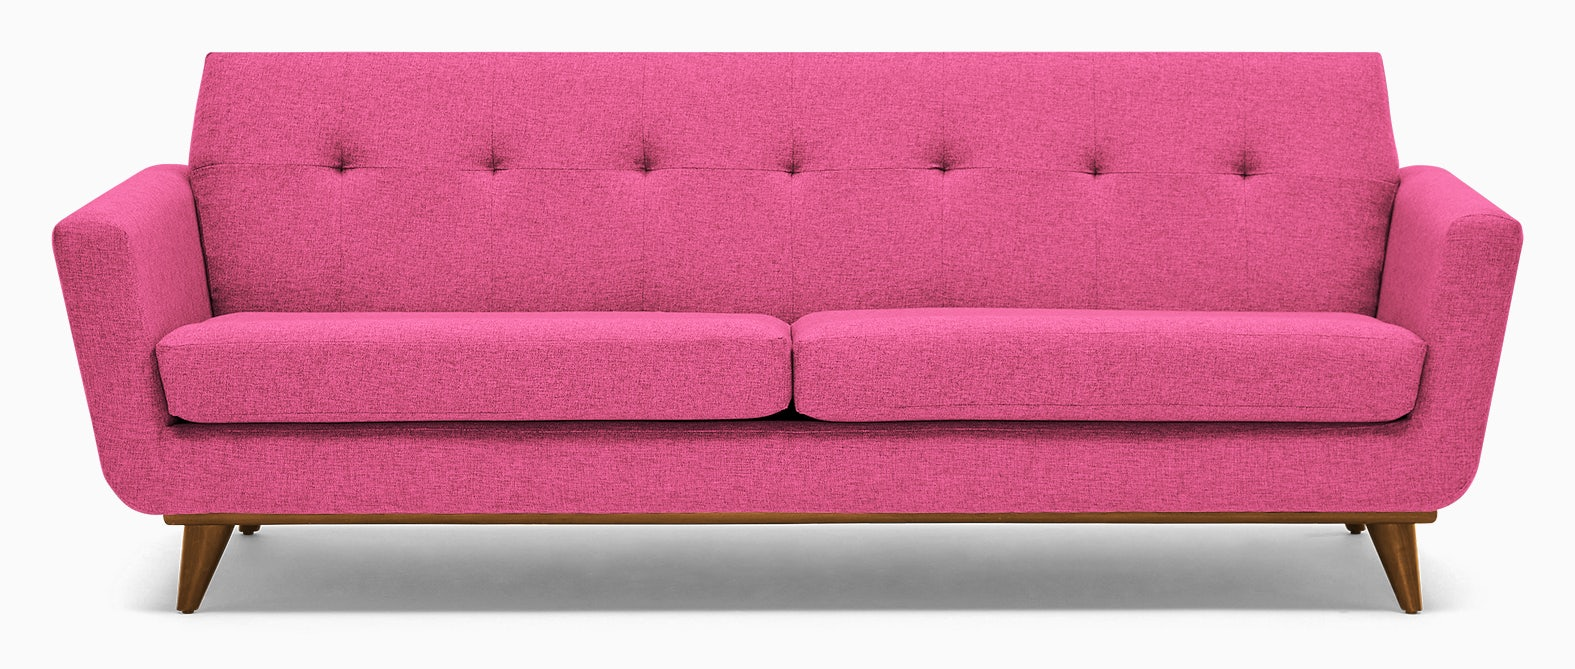 hughes sofa key largo bubblegum